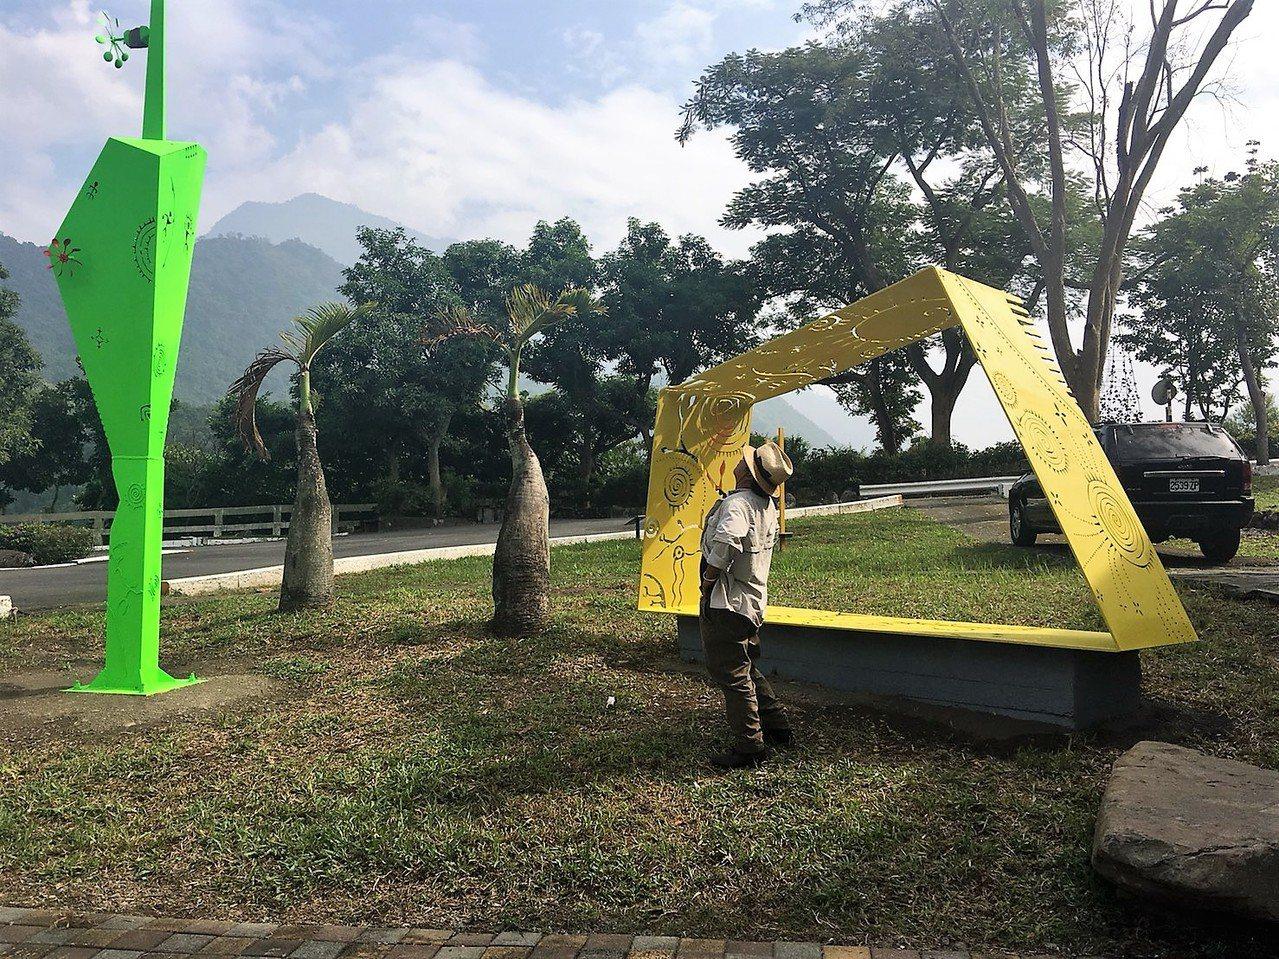 伊誕.巴瓦瓦隆的作品「斜坡上的風很香」。圖/原文發中心提供